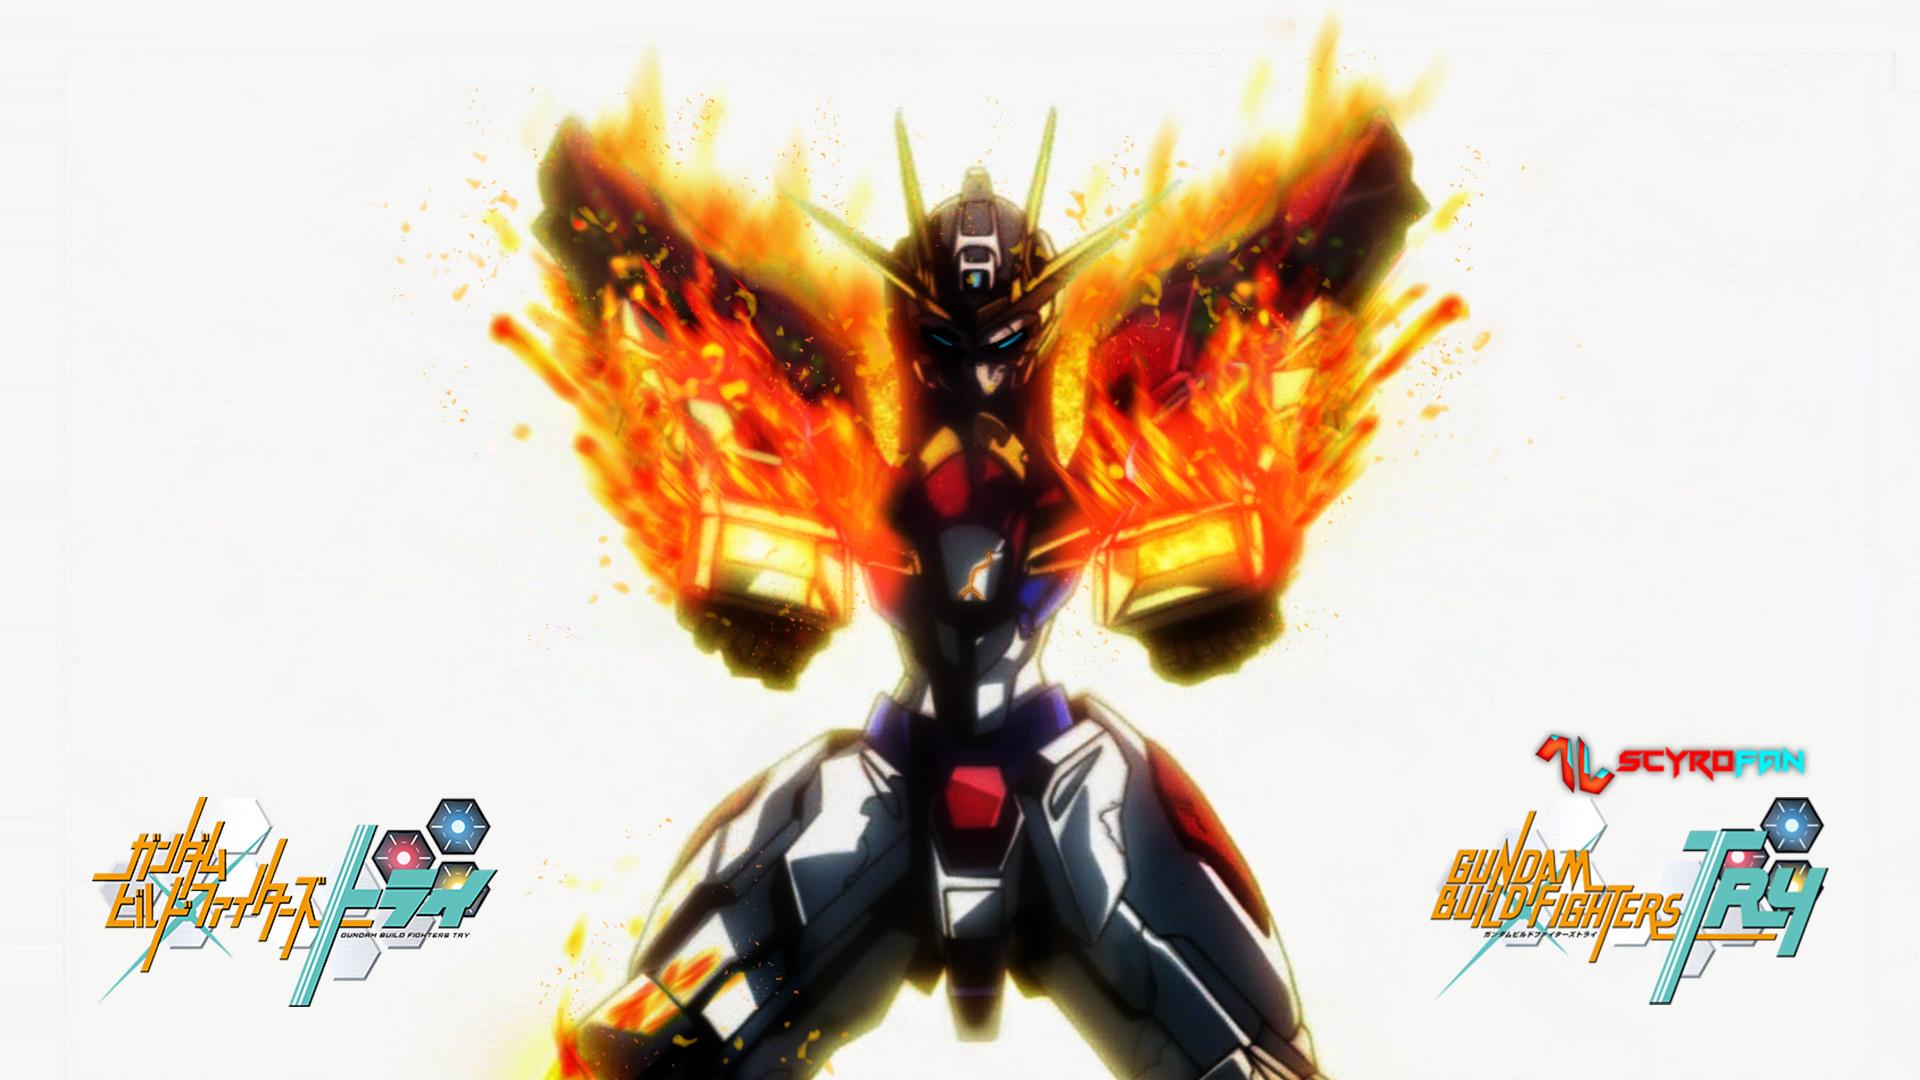 Gundam build burning wallpaper by scyrofan on deviantart for Domon gundam build fighters try